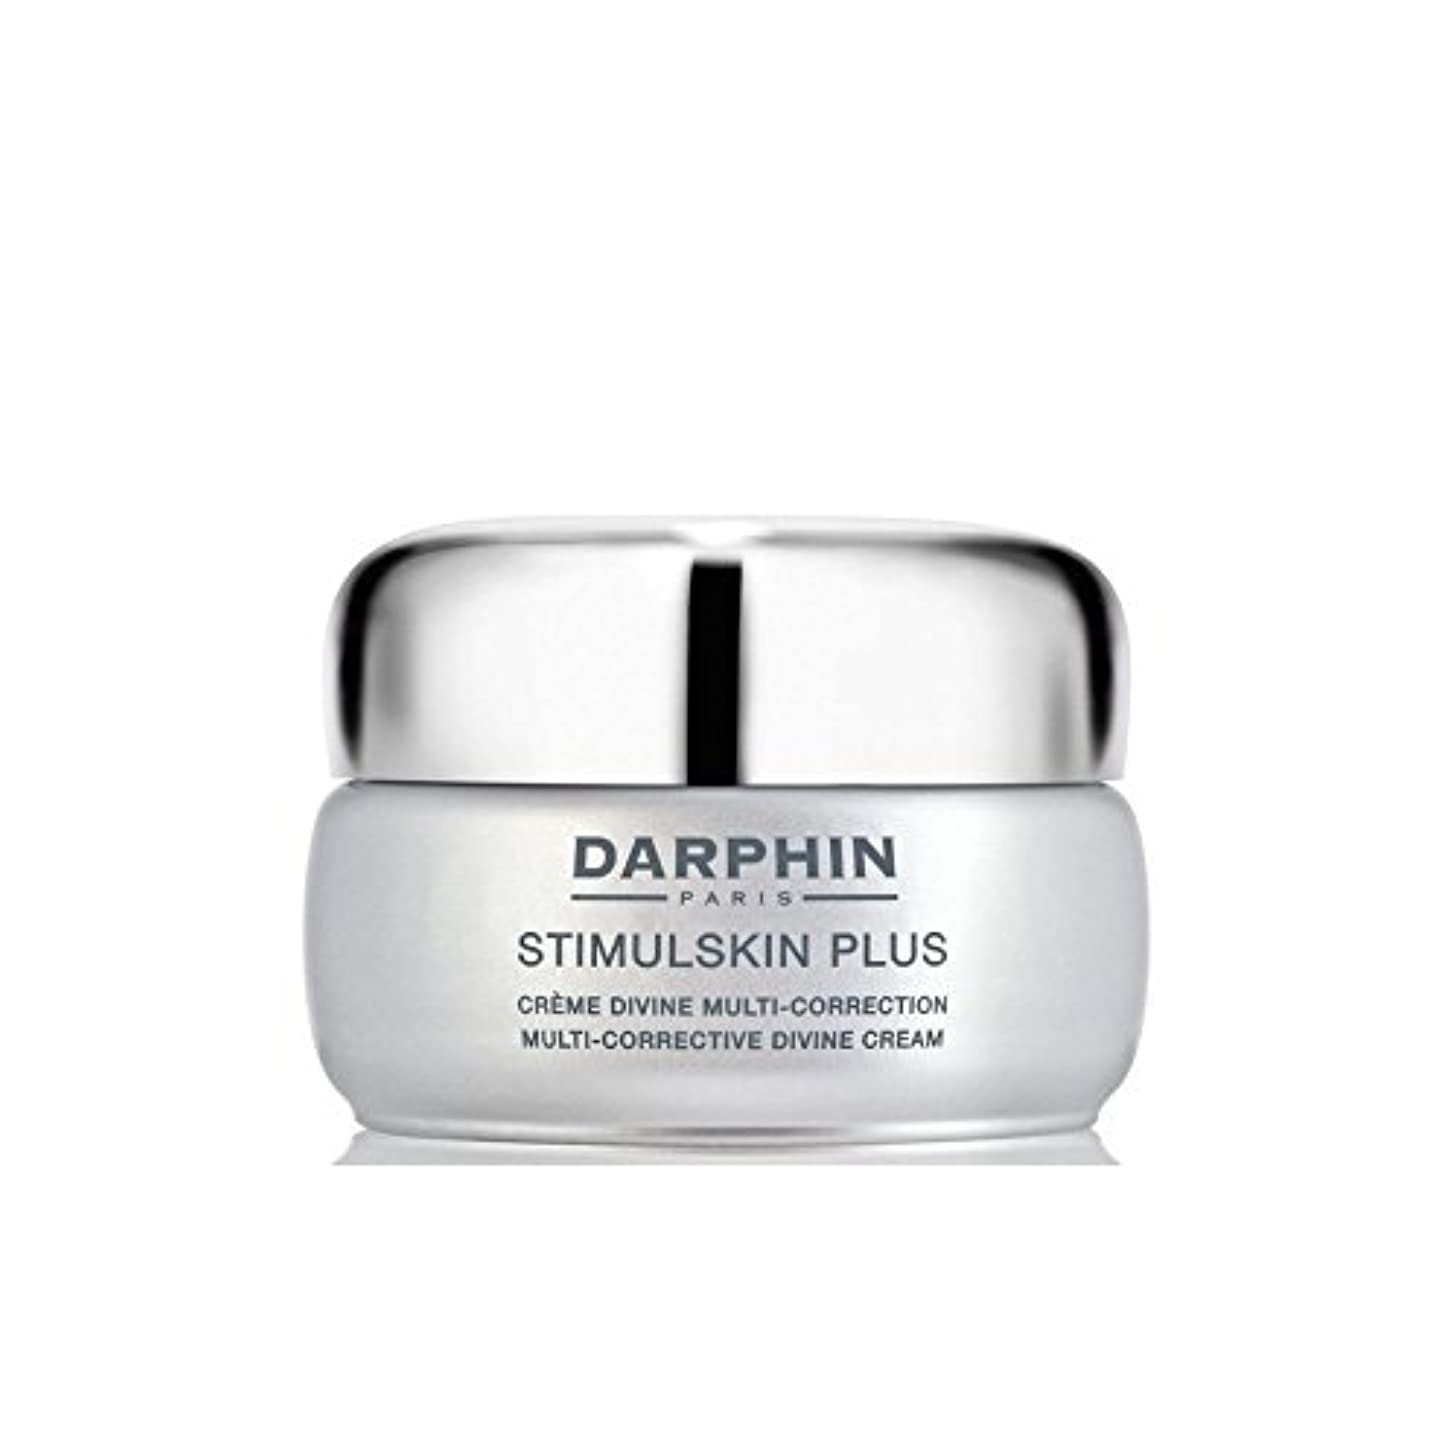 楽しむ素晴らしき損失Darphin Stimulskin Plus Multi-Corrective Divine Cream - Rich (Pack of 6) - ダルファンスティプラスマルチ是正神クリーム - 豊富 x6 [並行輸入品]